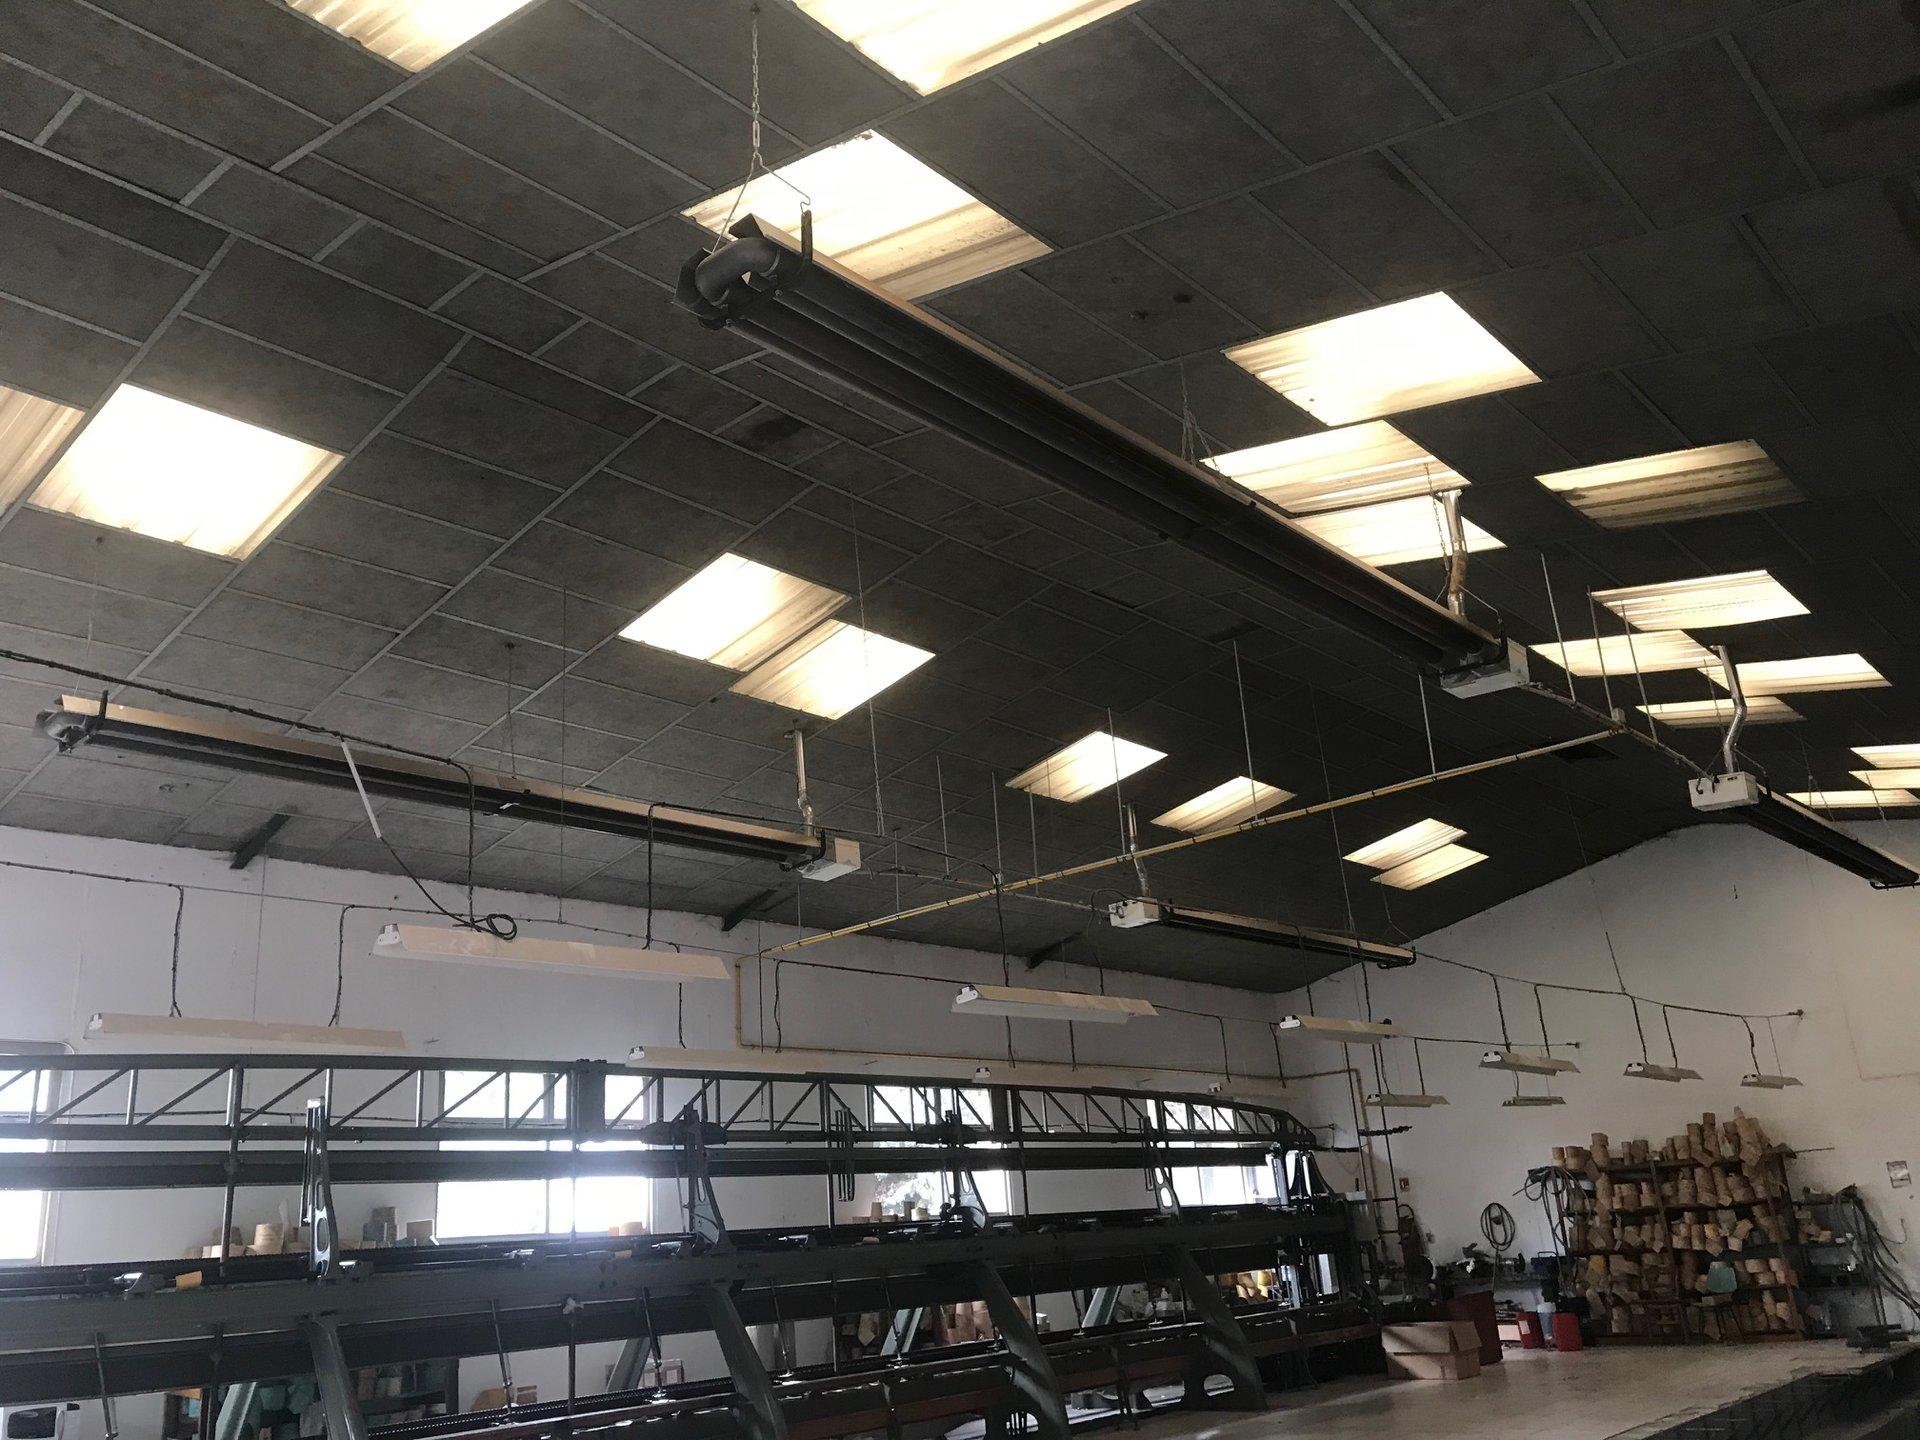 Bâtiment type hangar